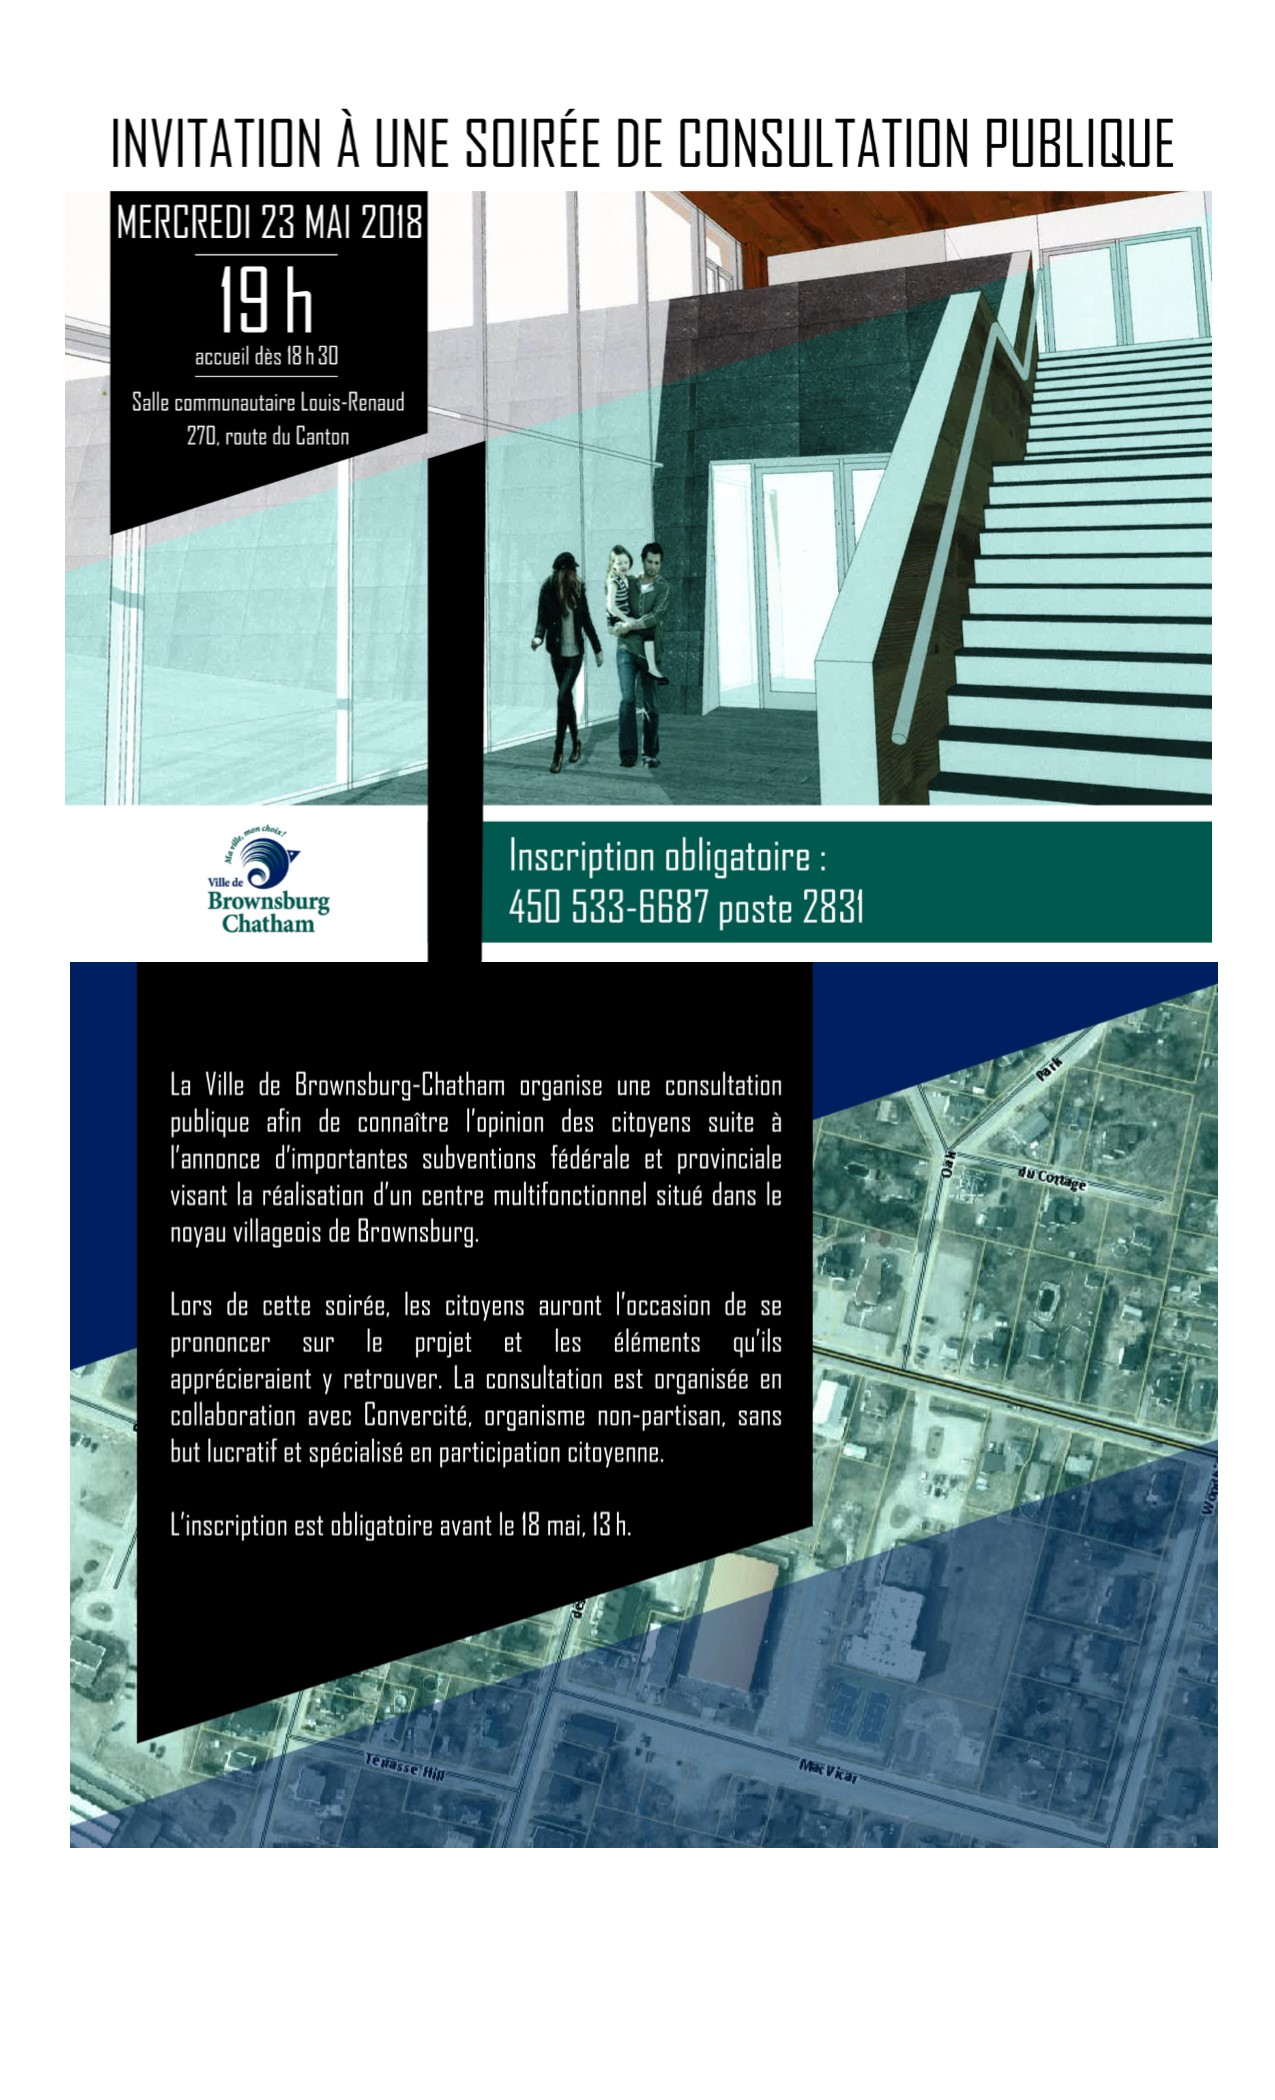 Invitation consultation publique